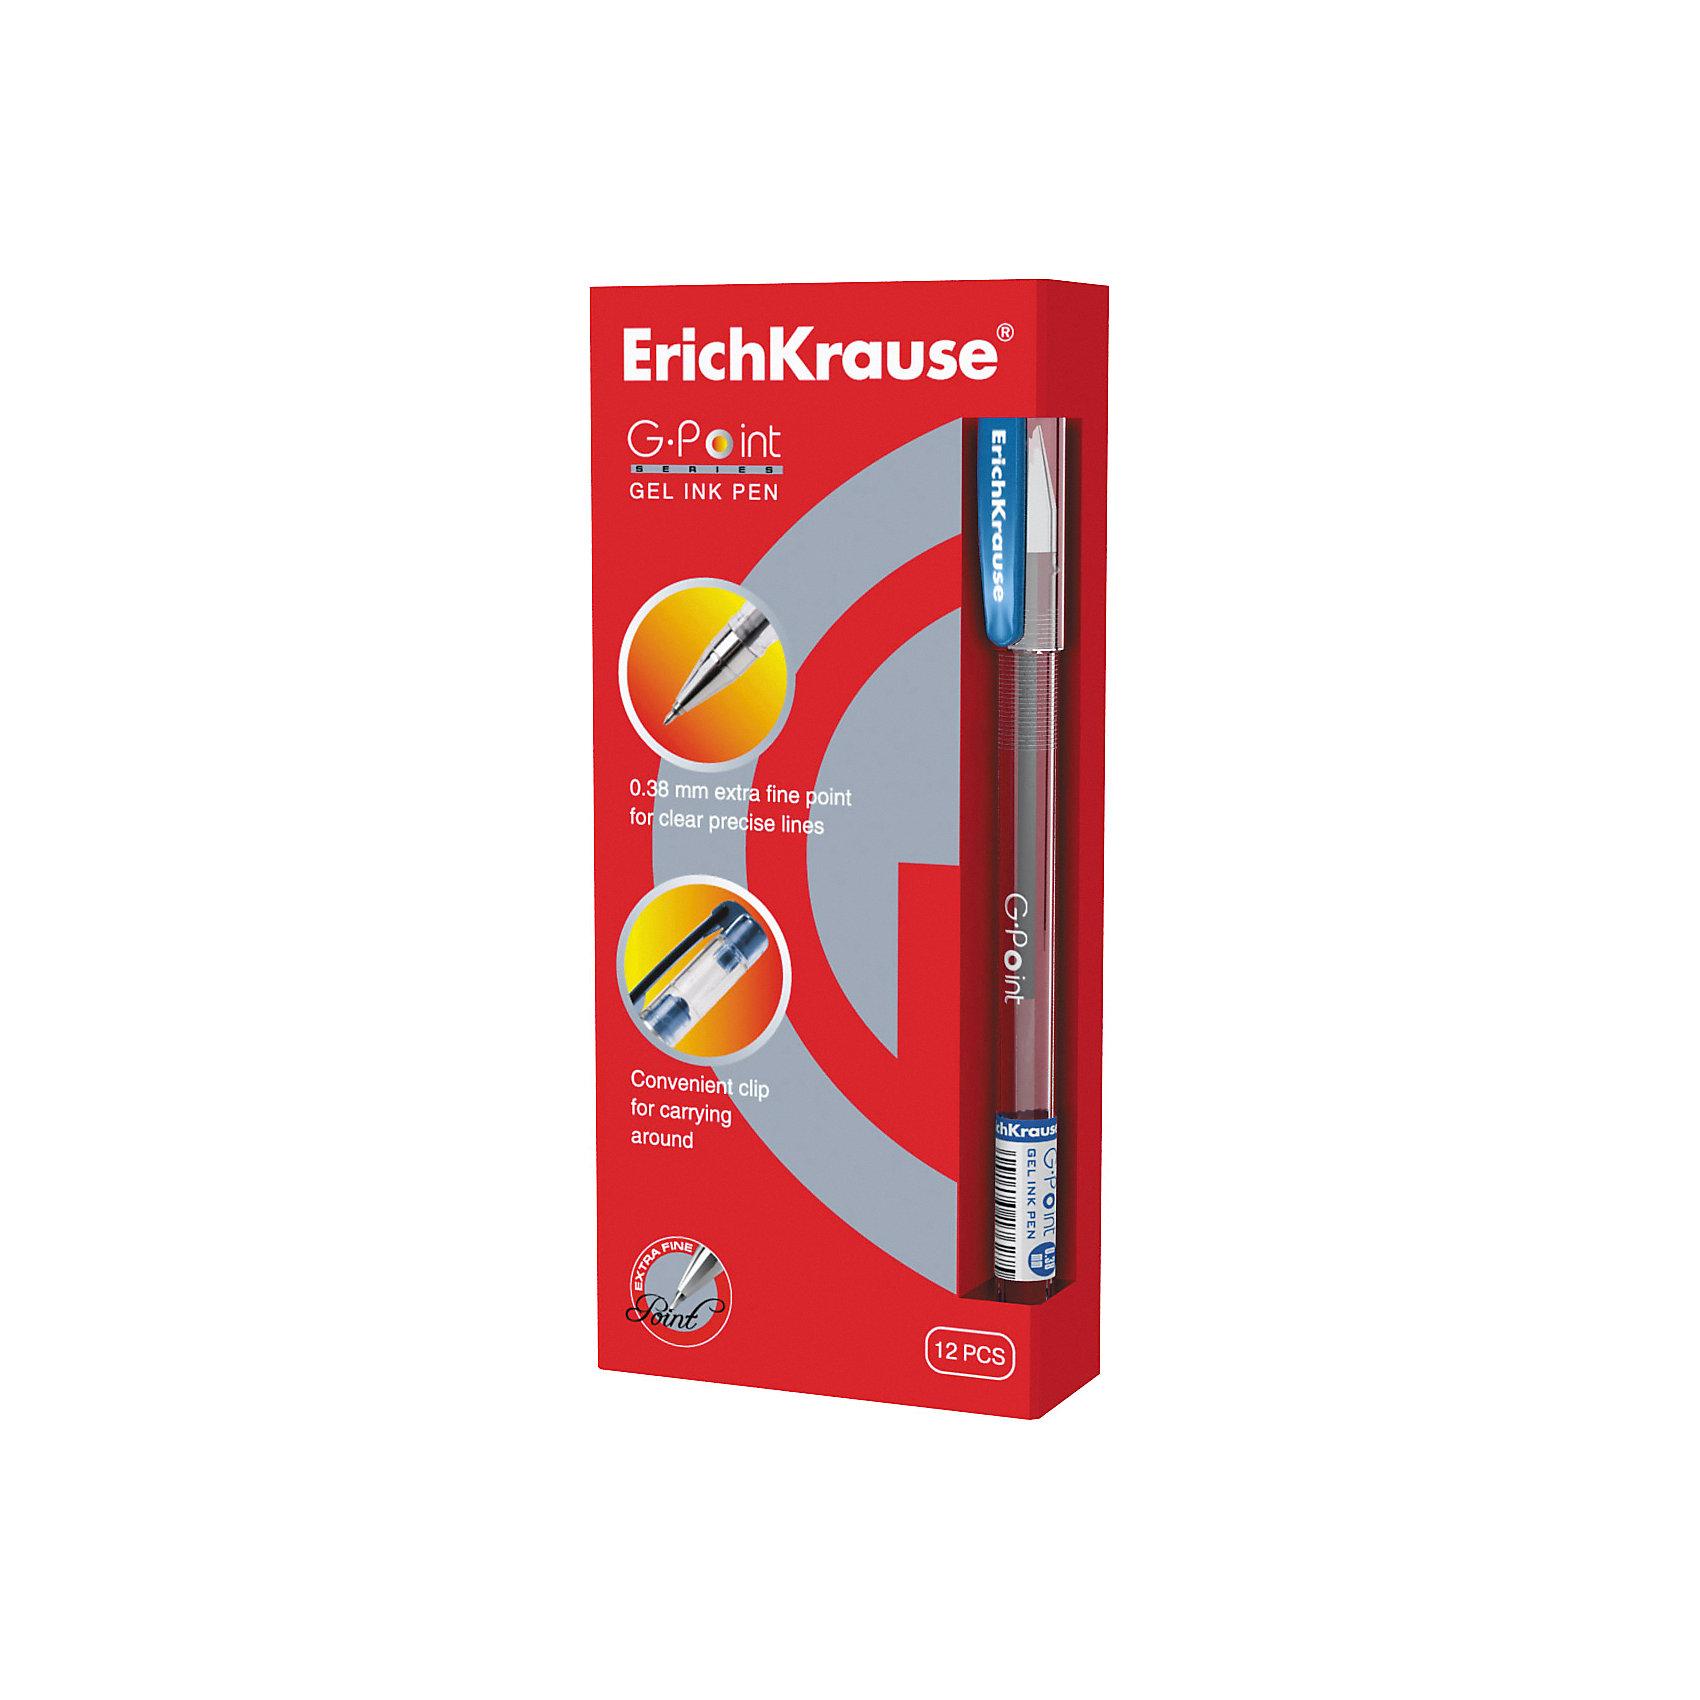 Ручка гелевая G-POINT, 12 шт., Erich KrauseПисьменные принадлежности<br>Удобная гелевая ручка с прозрачным корпусом для контроля уровня чернил. Металлизированный наконечник. Пишущий узел 0.38 ммобеспечивает тонкое и четкое письмо. Цвет клипа соответствует цвету чернил. Сменный стержень. Рекомендуется использовать стержень ErichKrause G-POINT.<br><br>Ширина мм: 70<br>Глубина мм: 155<br>Высота мм: 250<br>Вес г: 120<br>Возраст от месяцев: 84<br>Возраст до месяцев: 2147483647<br>Пол: Унисекс<br>Возраст: Детский<br>SKU: 5543299